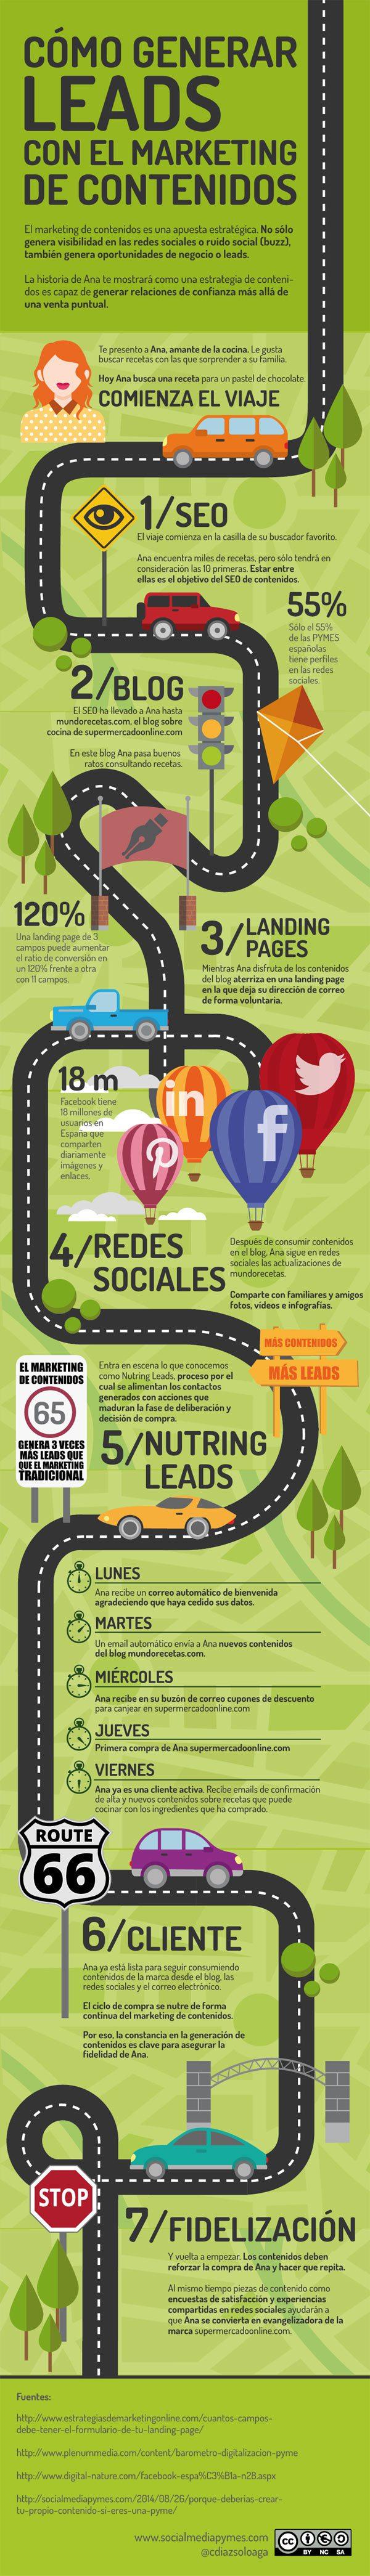 Cómo general leads con el marketing de contenidos